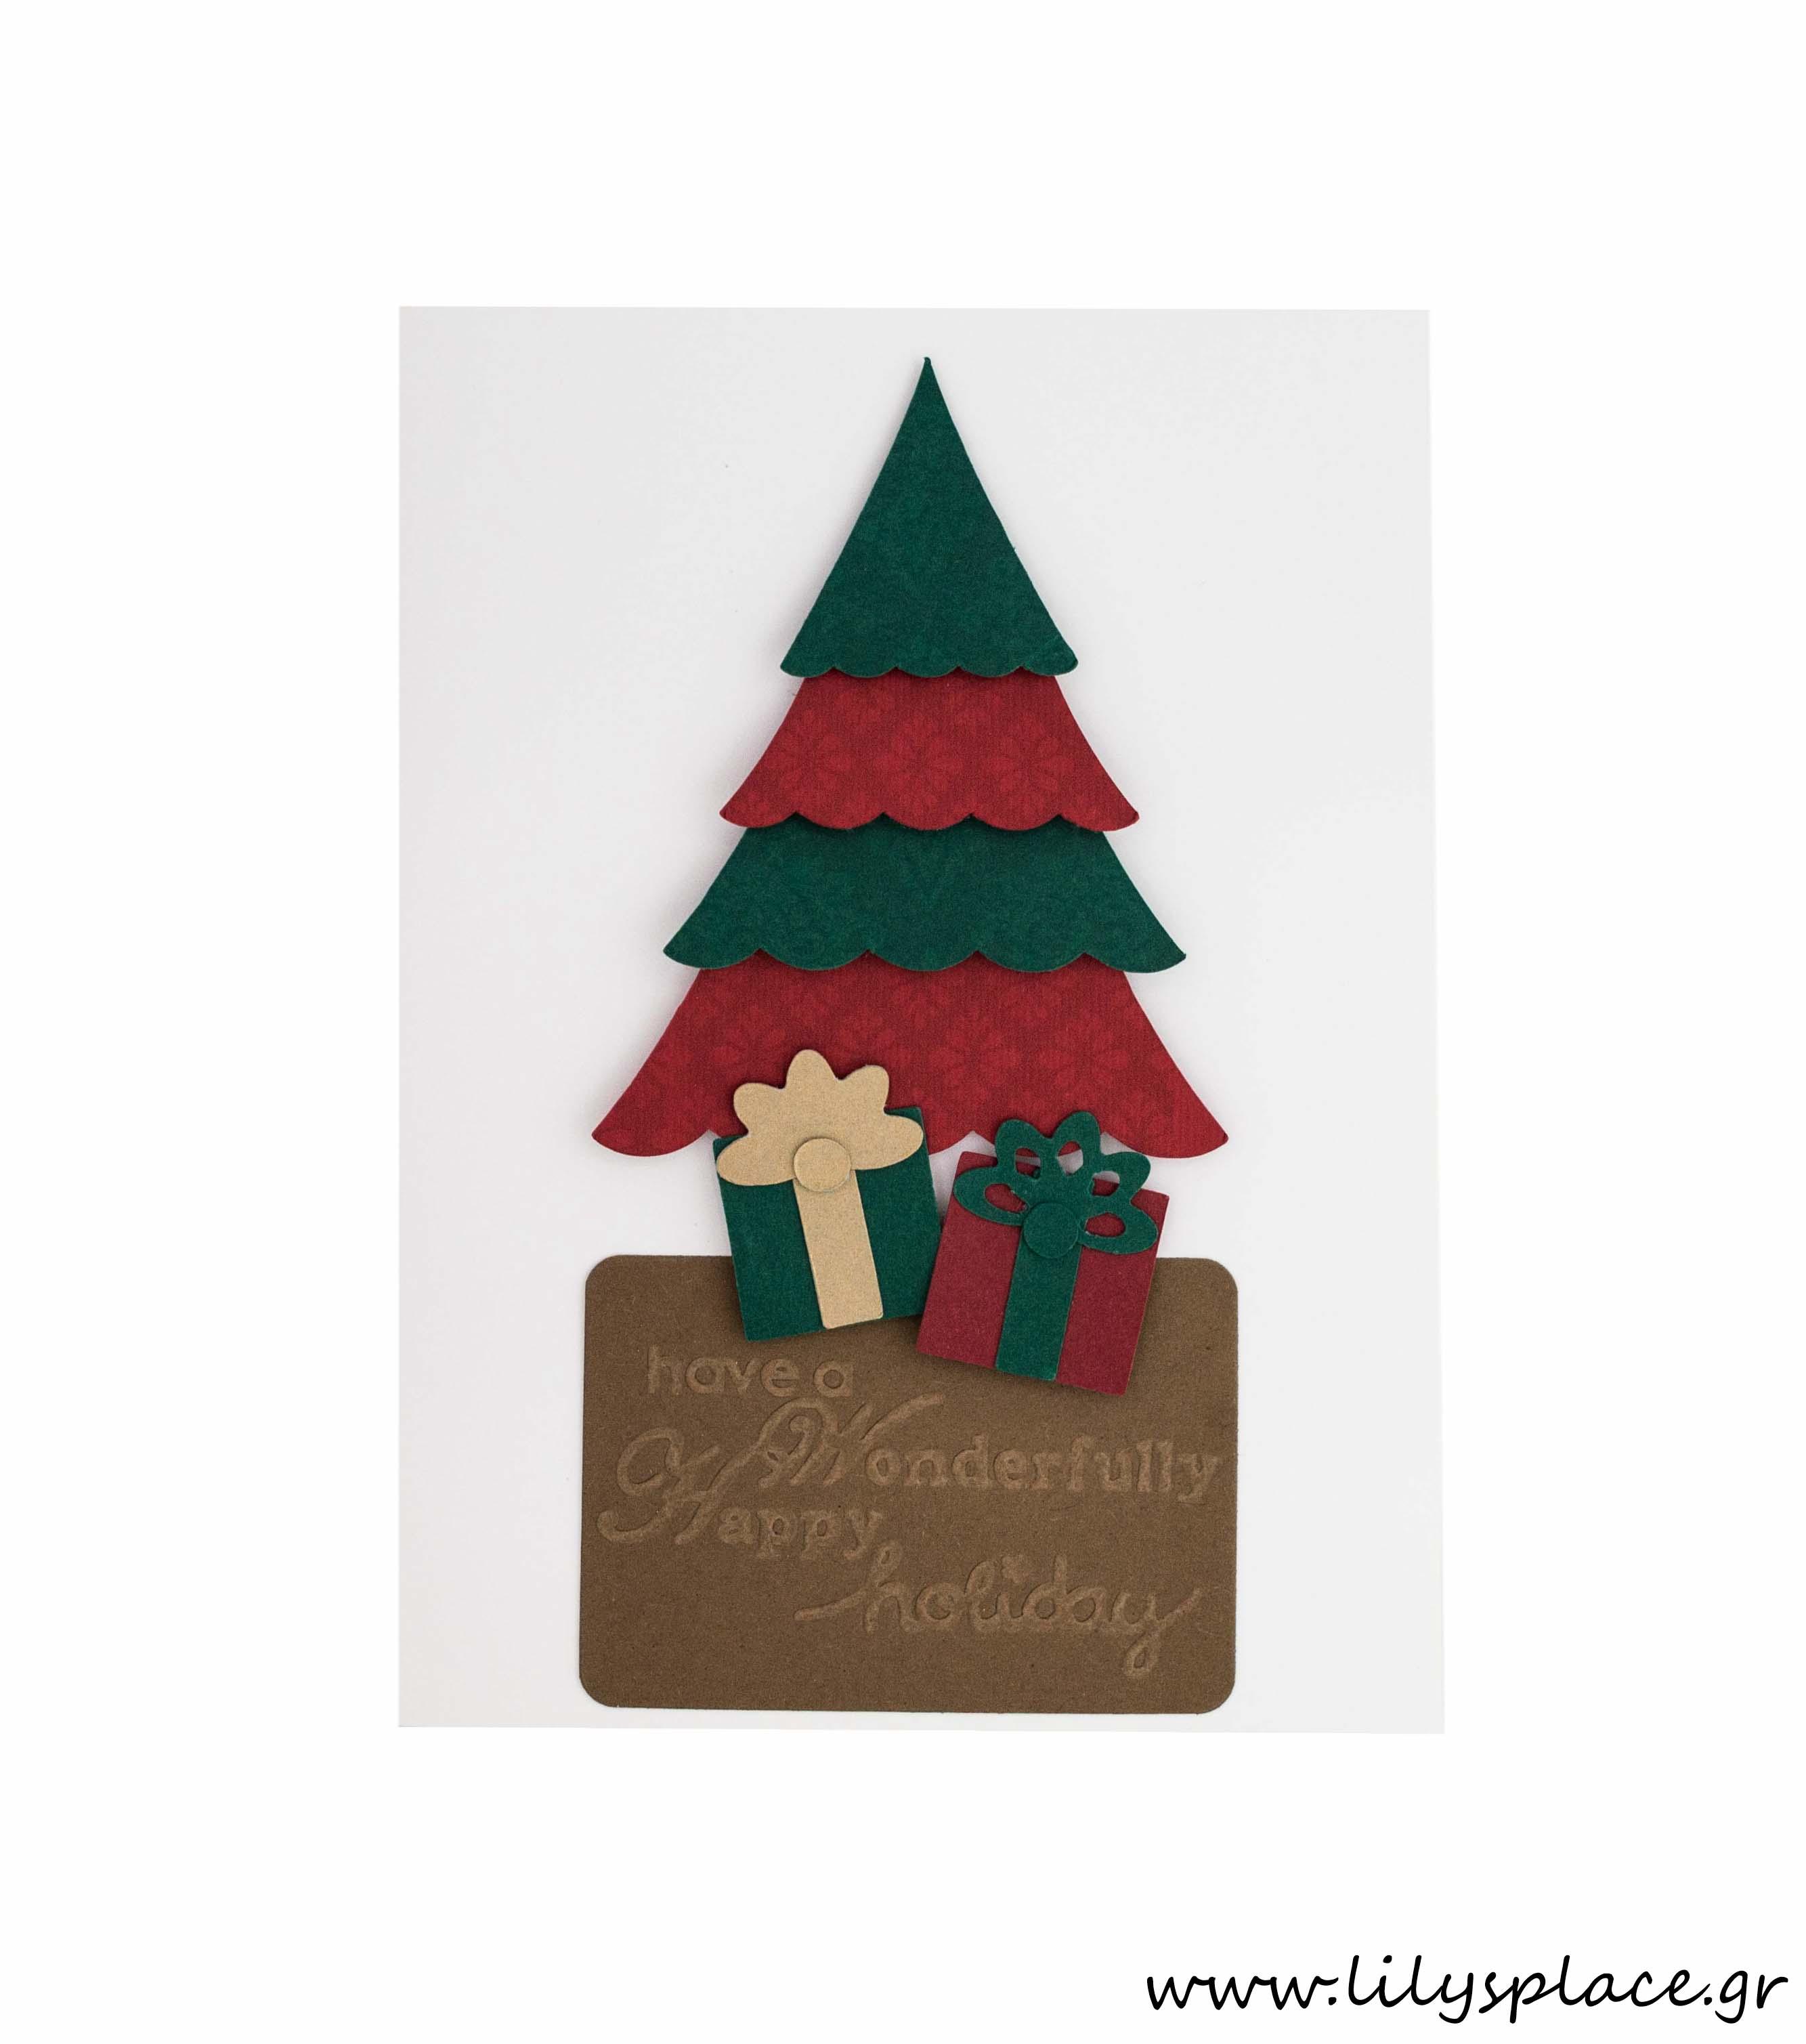 Κάρτα ευχών με Χριστουγεννιάτικο δέντρο